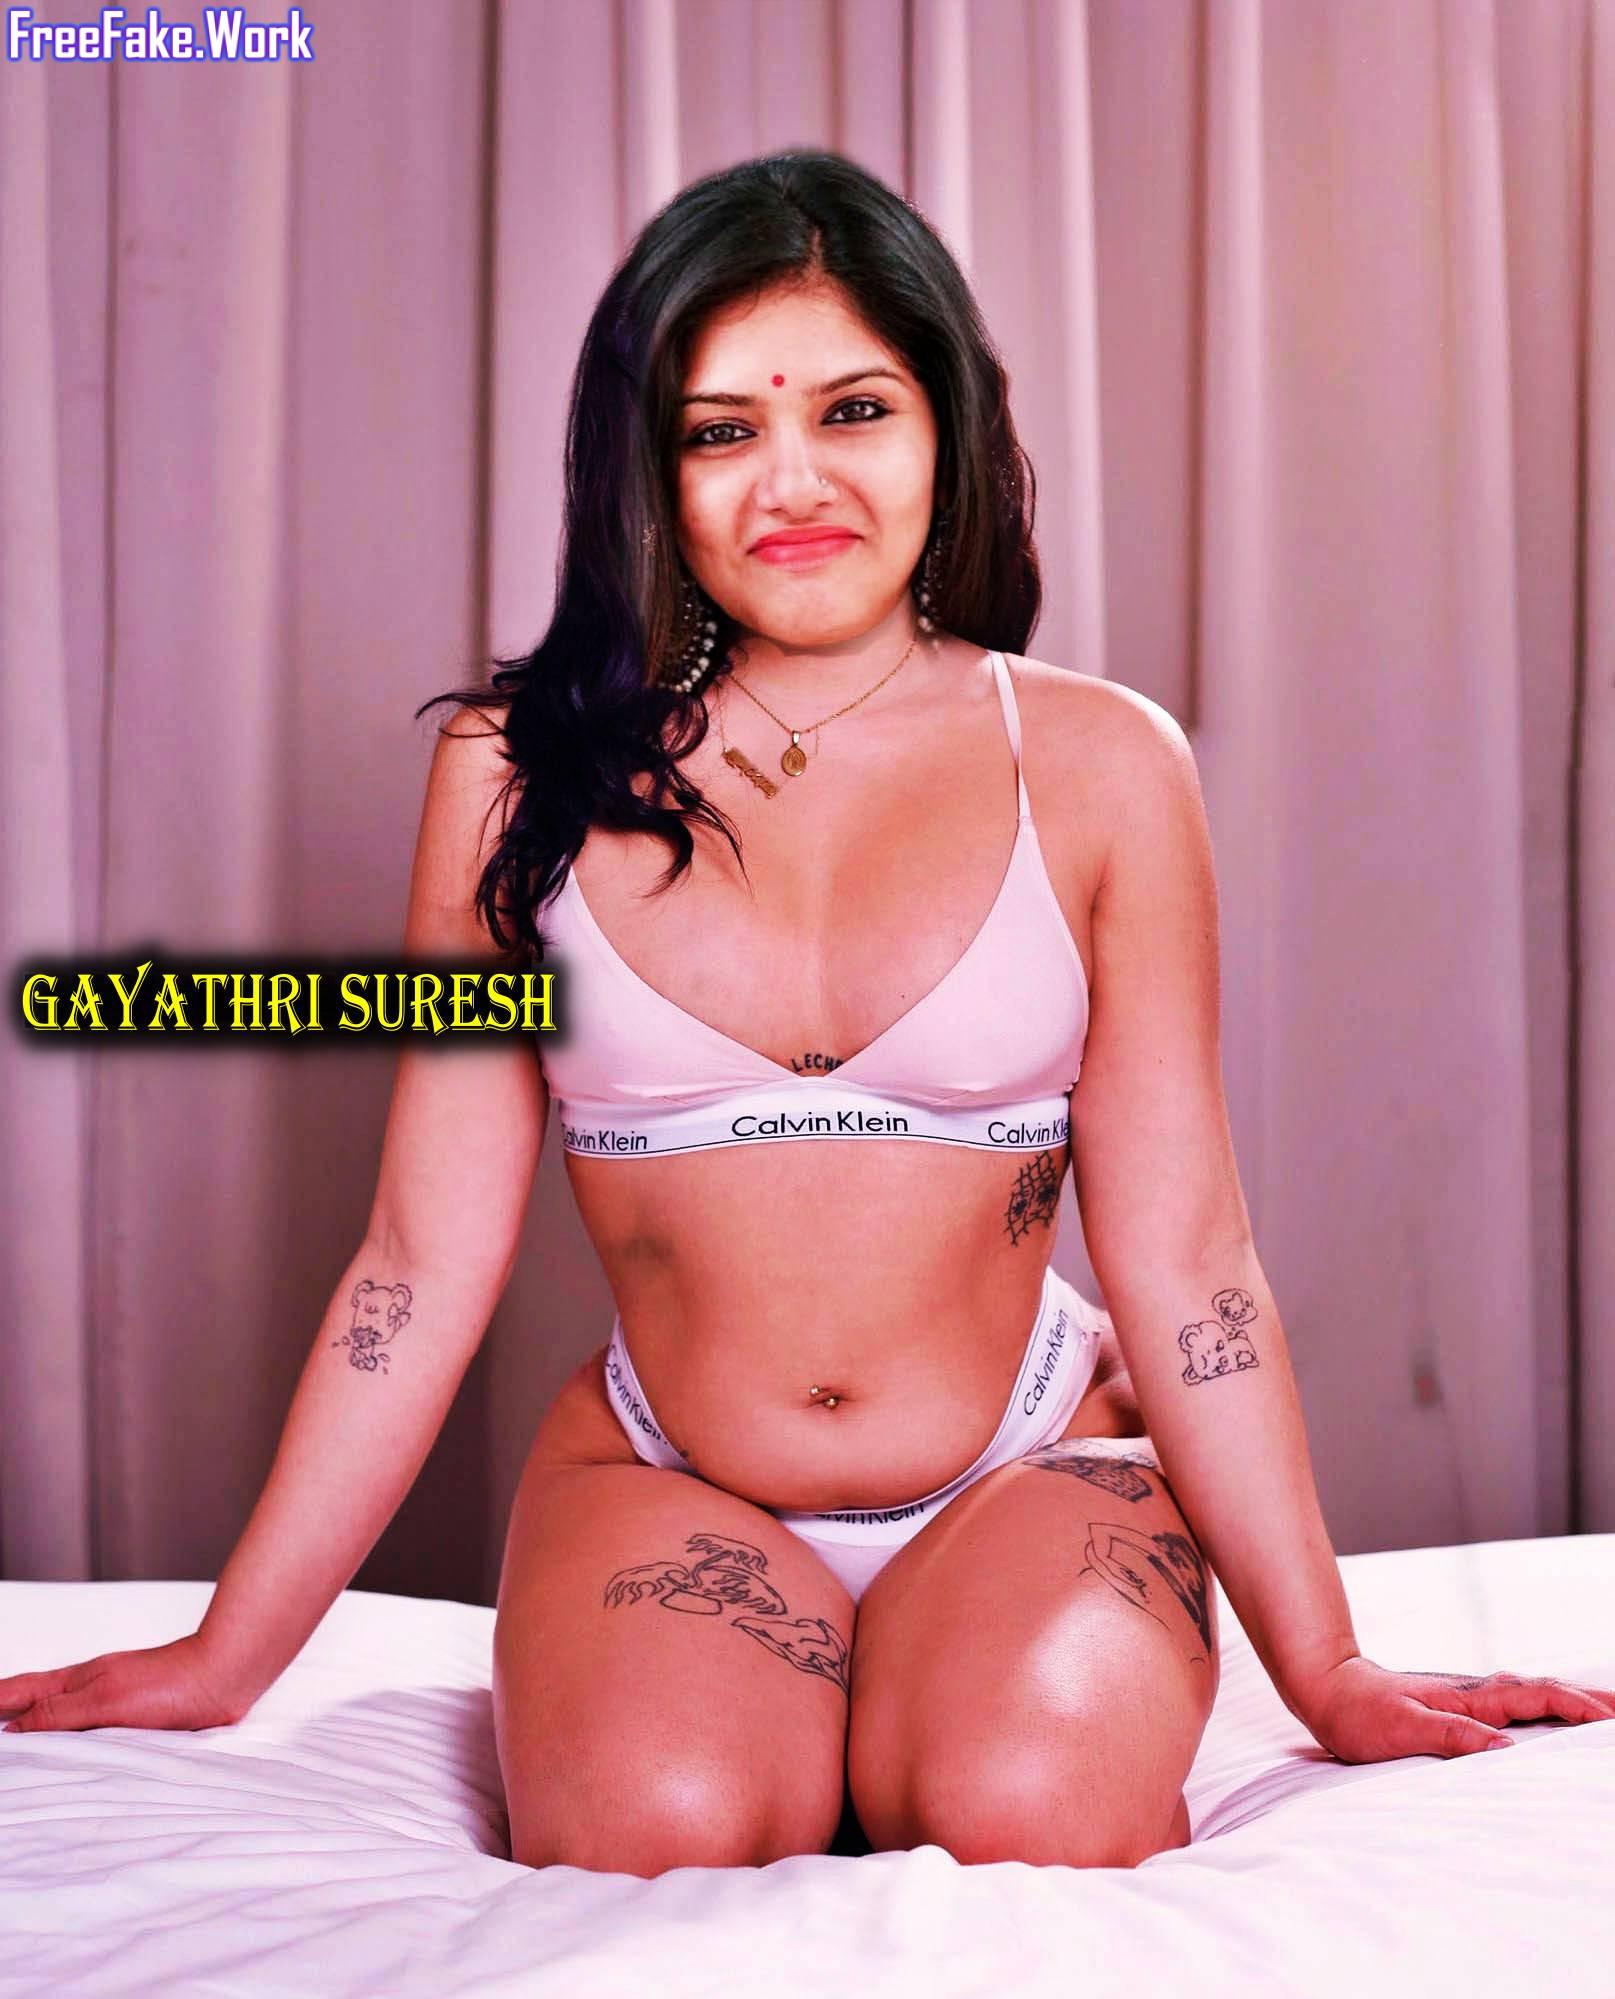 Hot-Gayathri-Suresh-bra-and-undies-nude-navel-on-bed.jpg